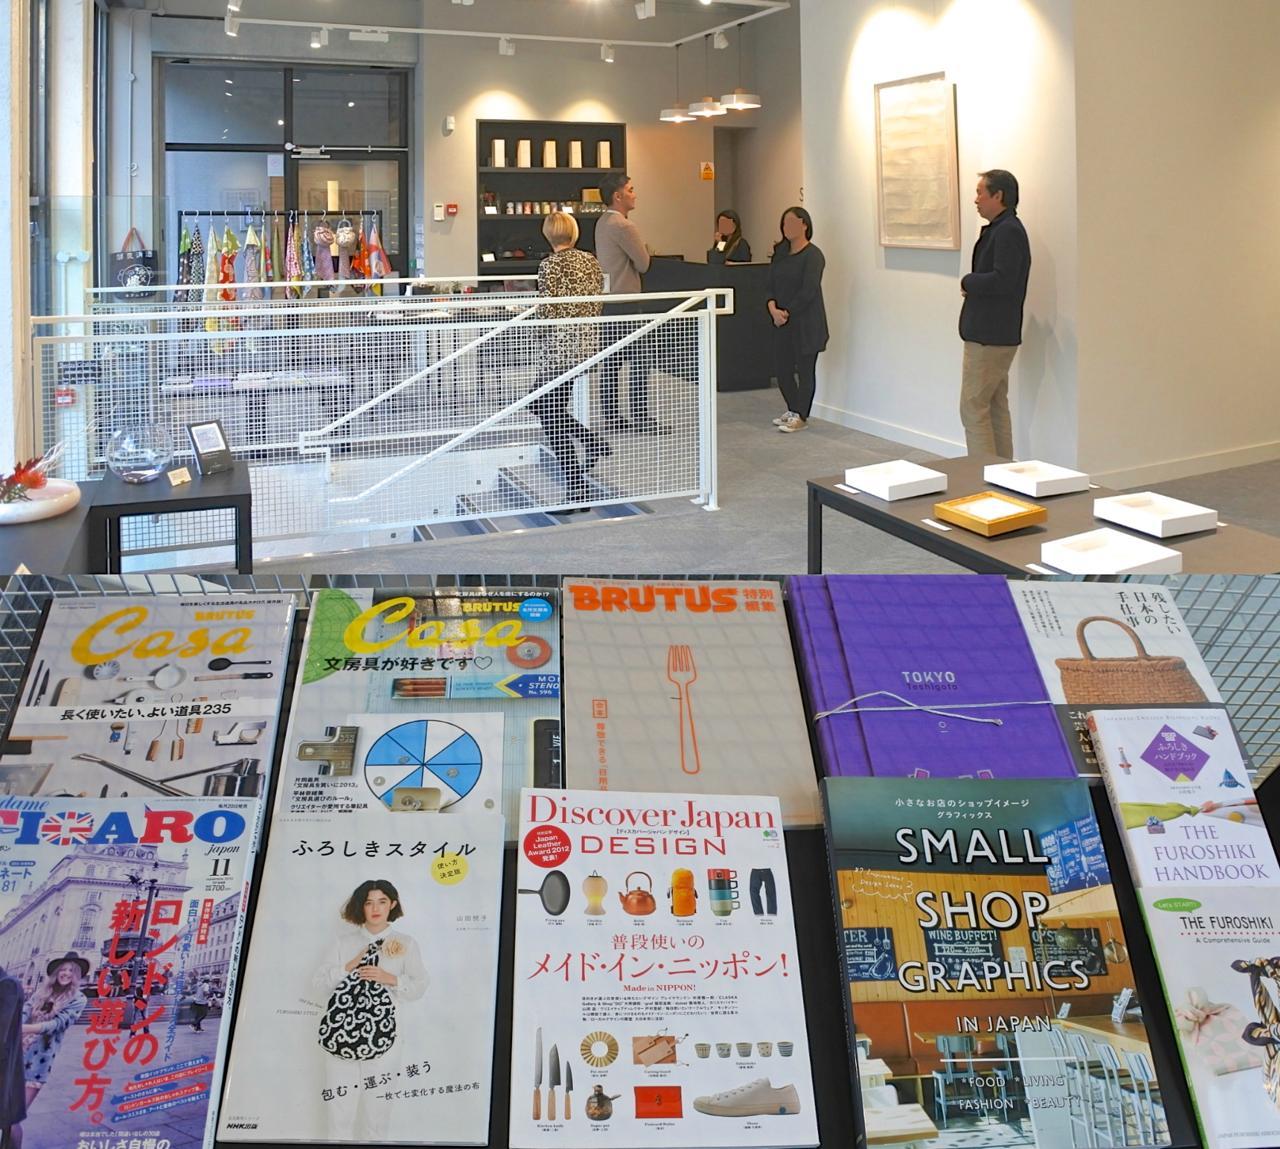 左手にショップ・スペースが広がる。日本の雑誌や風呂敷ムックがたくさん!!